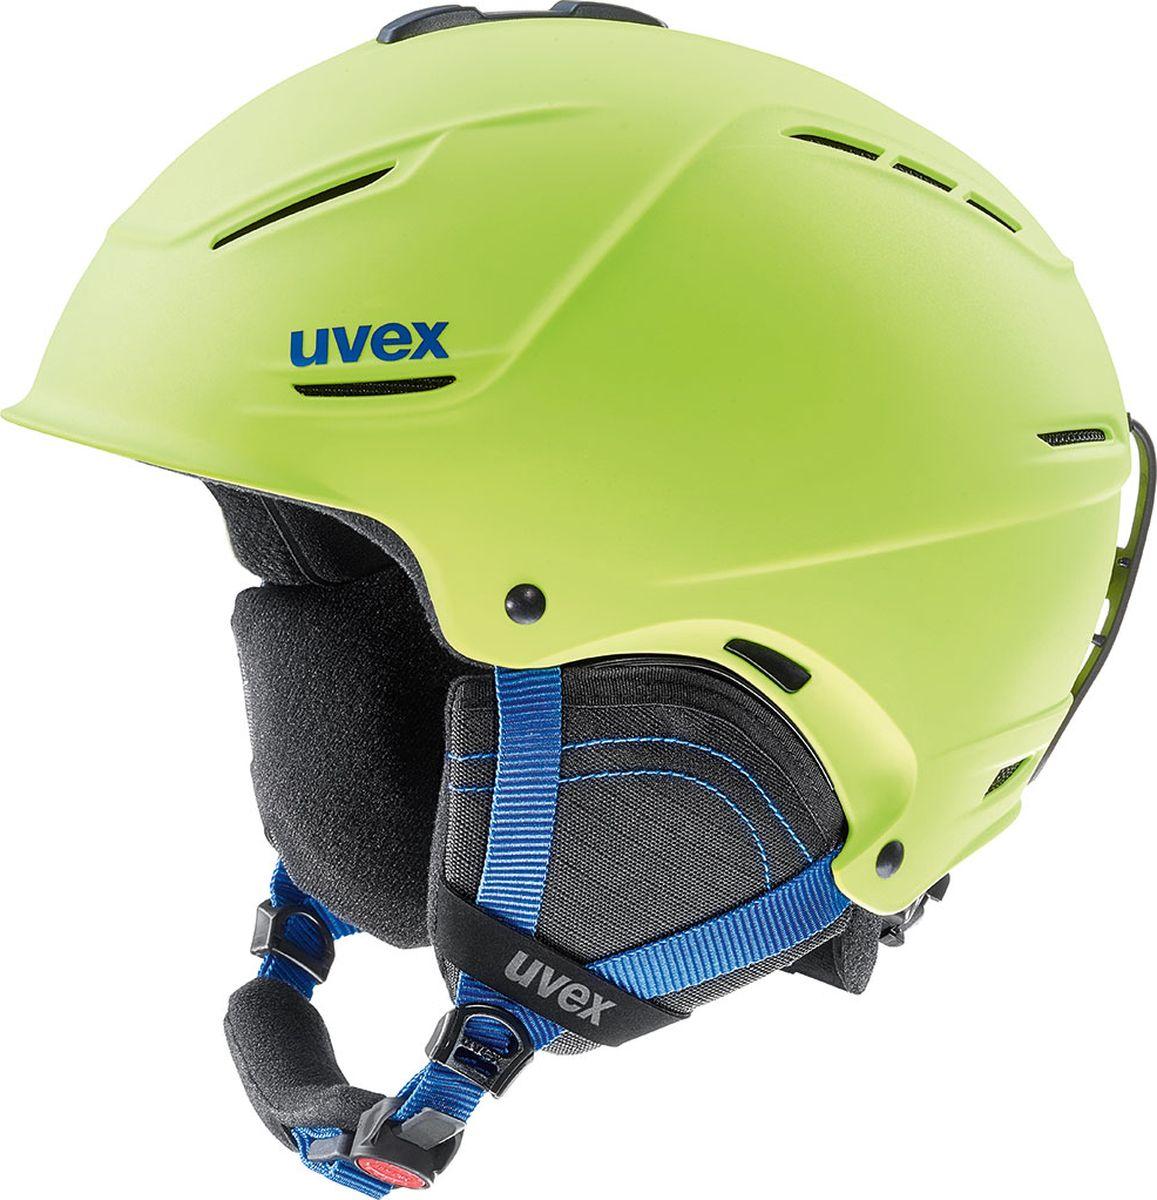 Шлем горнолыжный Uvex P1us 2.0 Helmet, цвет: лайм матовый. Размер 55/596211Удобный шлем от Uvex с конструкцией +technology обеспечит безопасность на склоне. В модели предусмотрена съемная защита ушей с технологией Natural Sound, которая не искажает звуки. Гипоаллергенная подкладка и регулируемая вентиляция гарантируют комфорт во время катания. Фиксатор стрэпа маски и застежка monomatiс, которую легко отрегулировать одной рукой, служат для удобства использования. Система IAS для индивидуальной подгонки по размеру. Сделано в Германии.